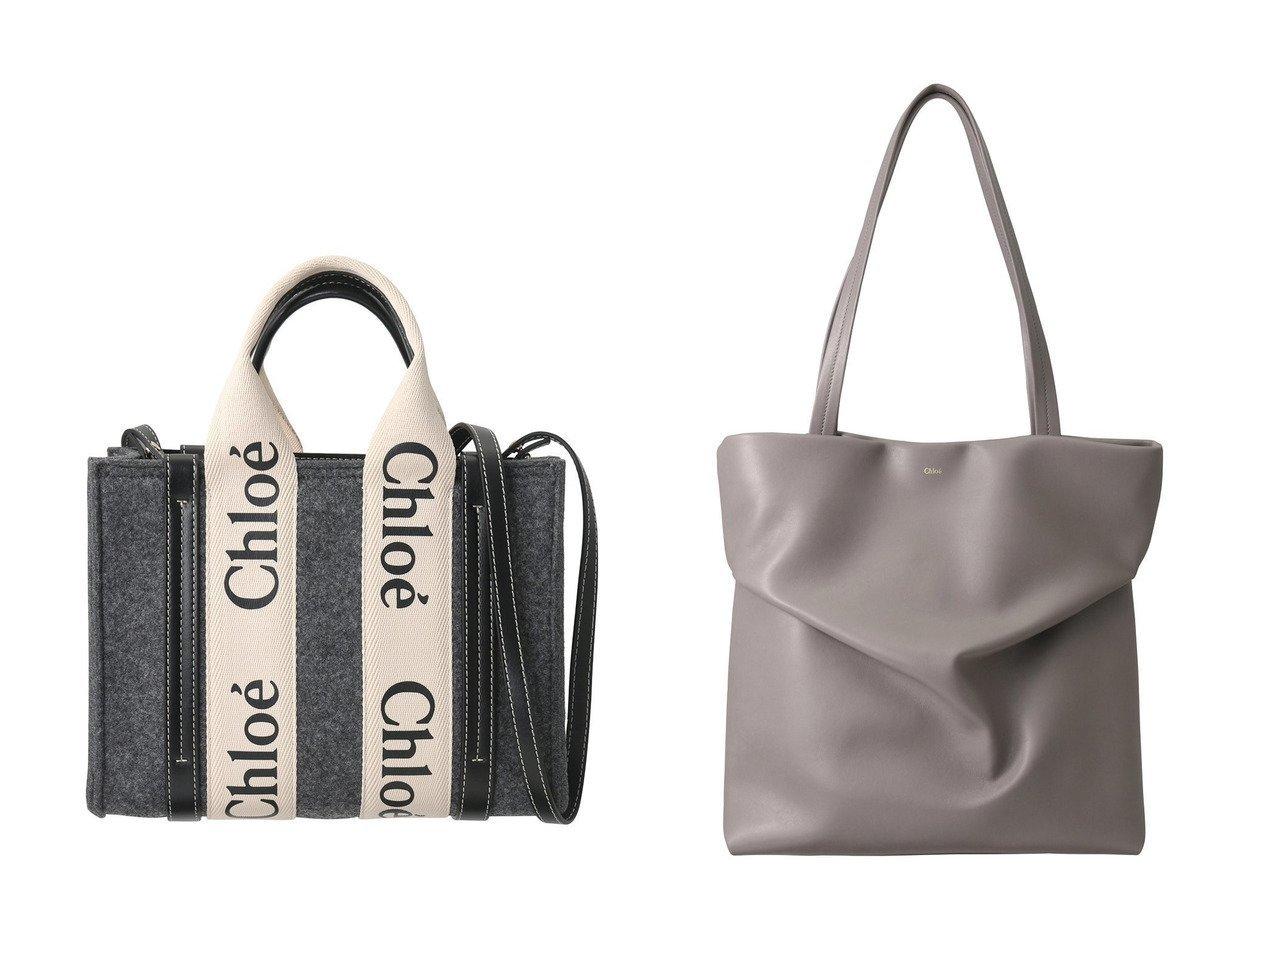 【CHLOE/クロエ】のWOODY SMALL 2wayミニトートバッグ&JUDY トートバッグ 【バッグ・鞄】おすすめ!人気、トレンド・レディースファッションの通販 おすすめで人気の流行・トレンド、ファッションの通販商品 インテリア・家具・メンズファッション・キッズファッション・レディースファッション・服の通販 founy(ファニー) https://founy.com/ ファッション Fashion レディースファッション WOMEN バッグ Bag コンパクト ファブリック ポケット  ID:crp329100000071419